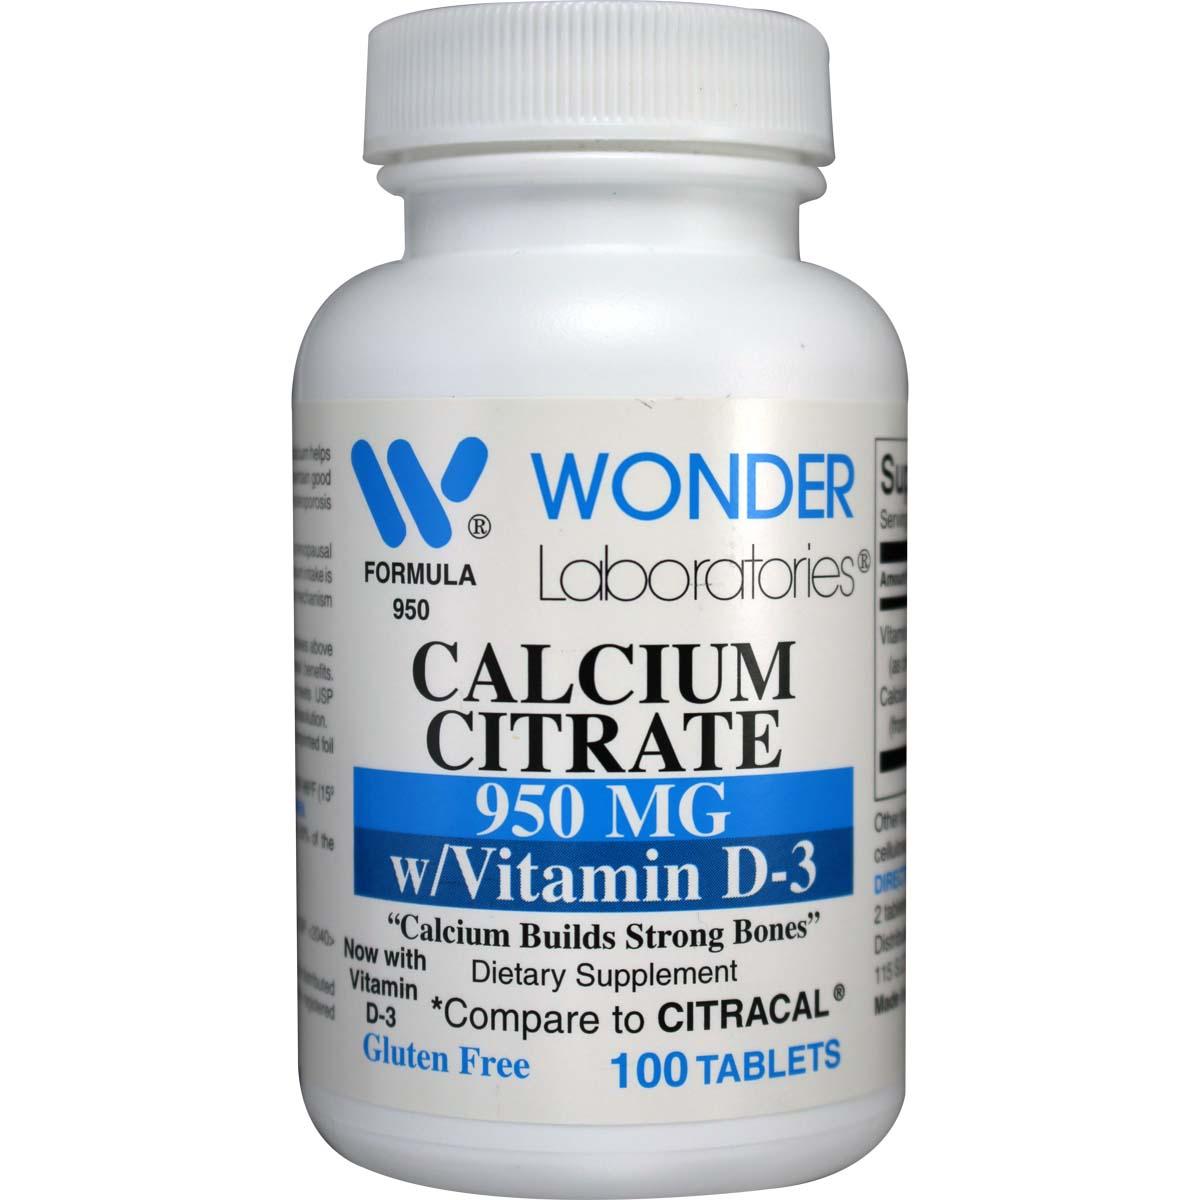 Calcium citrate 950 mg